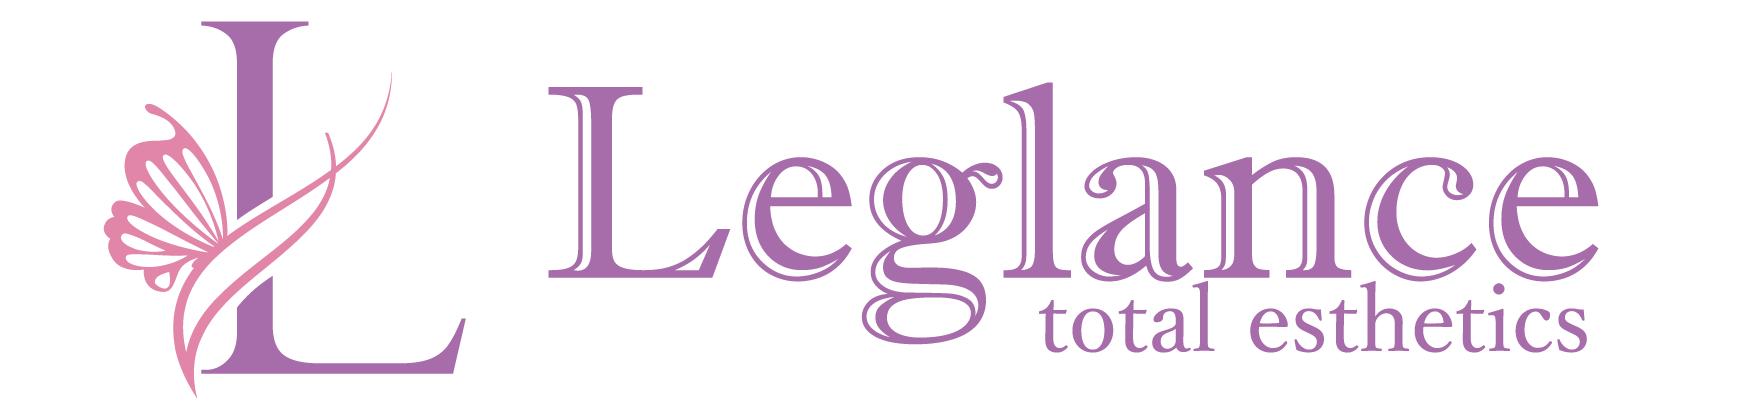 Leglance totale esthetics|レグランストータルエステティクス